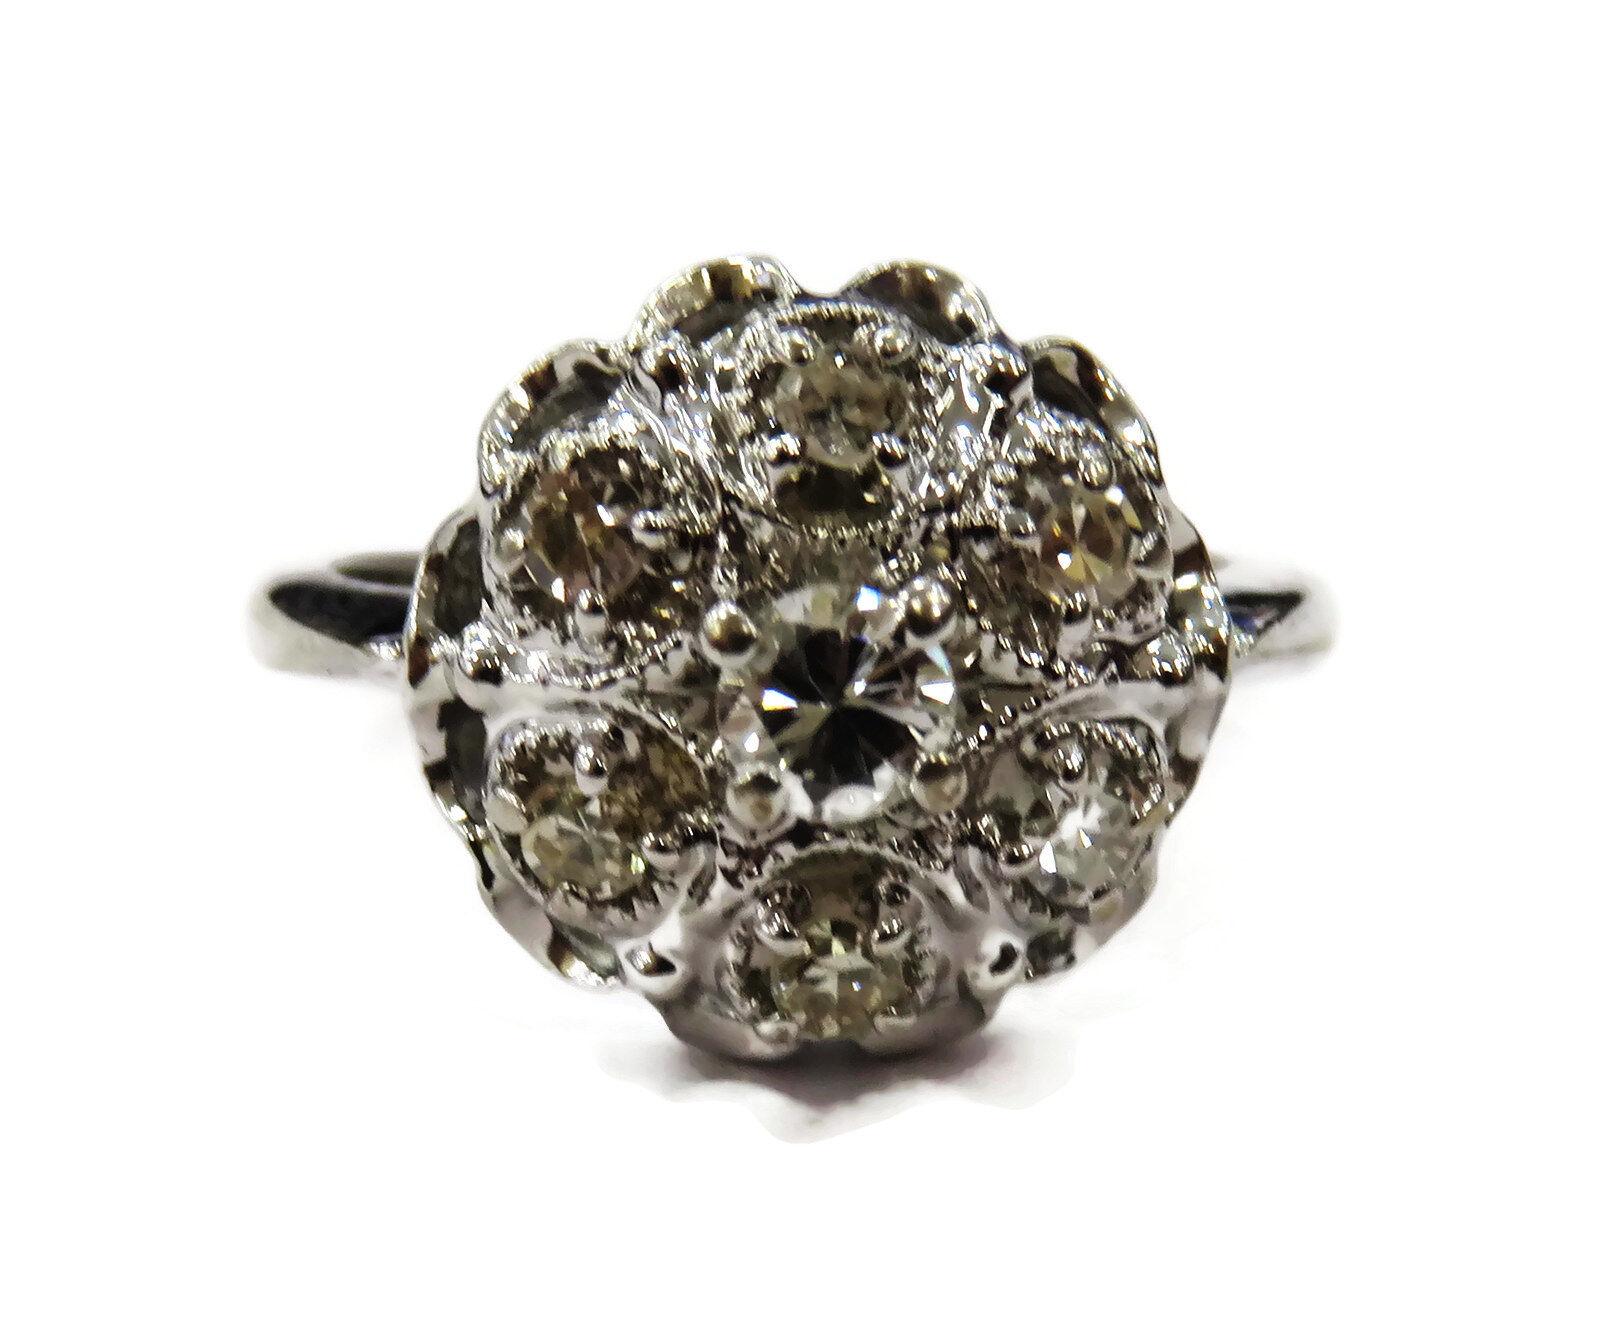 14K White gold Ladies Diamond Ring 3.8g